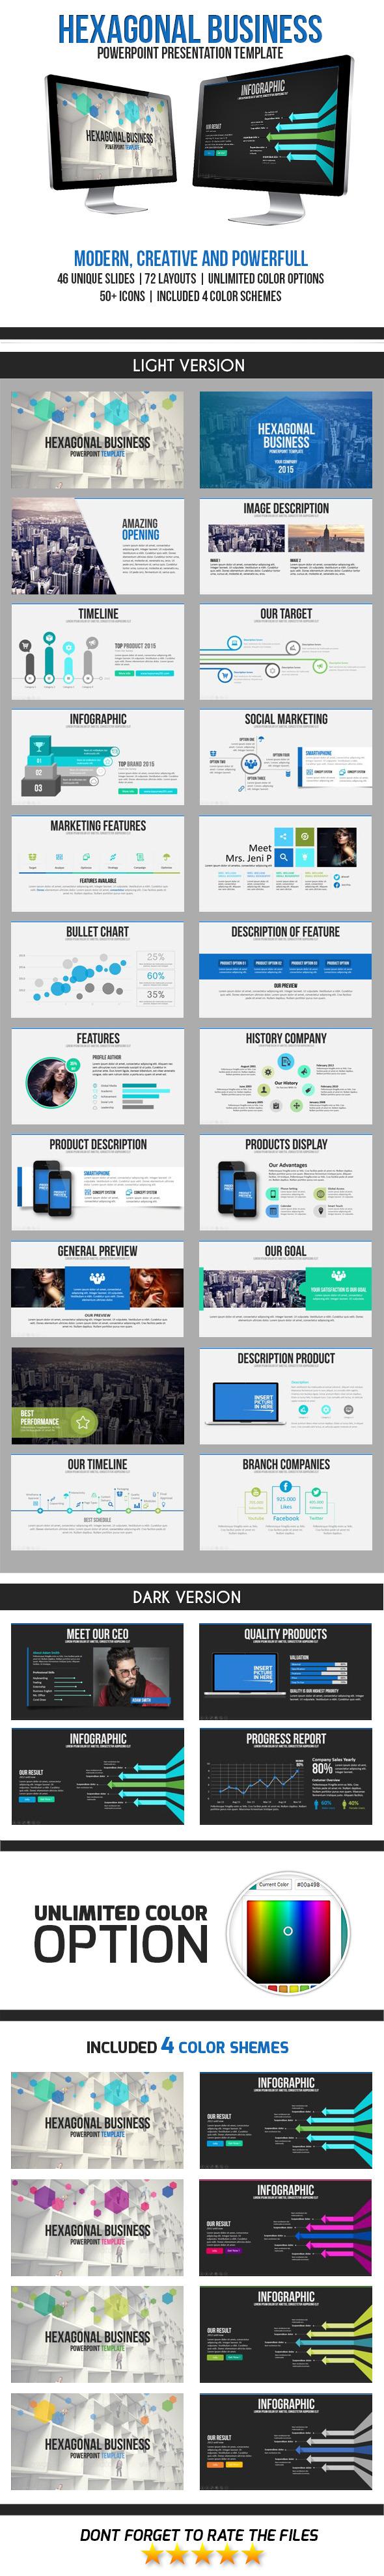 Hexagon Business PowerPoint Template